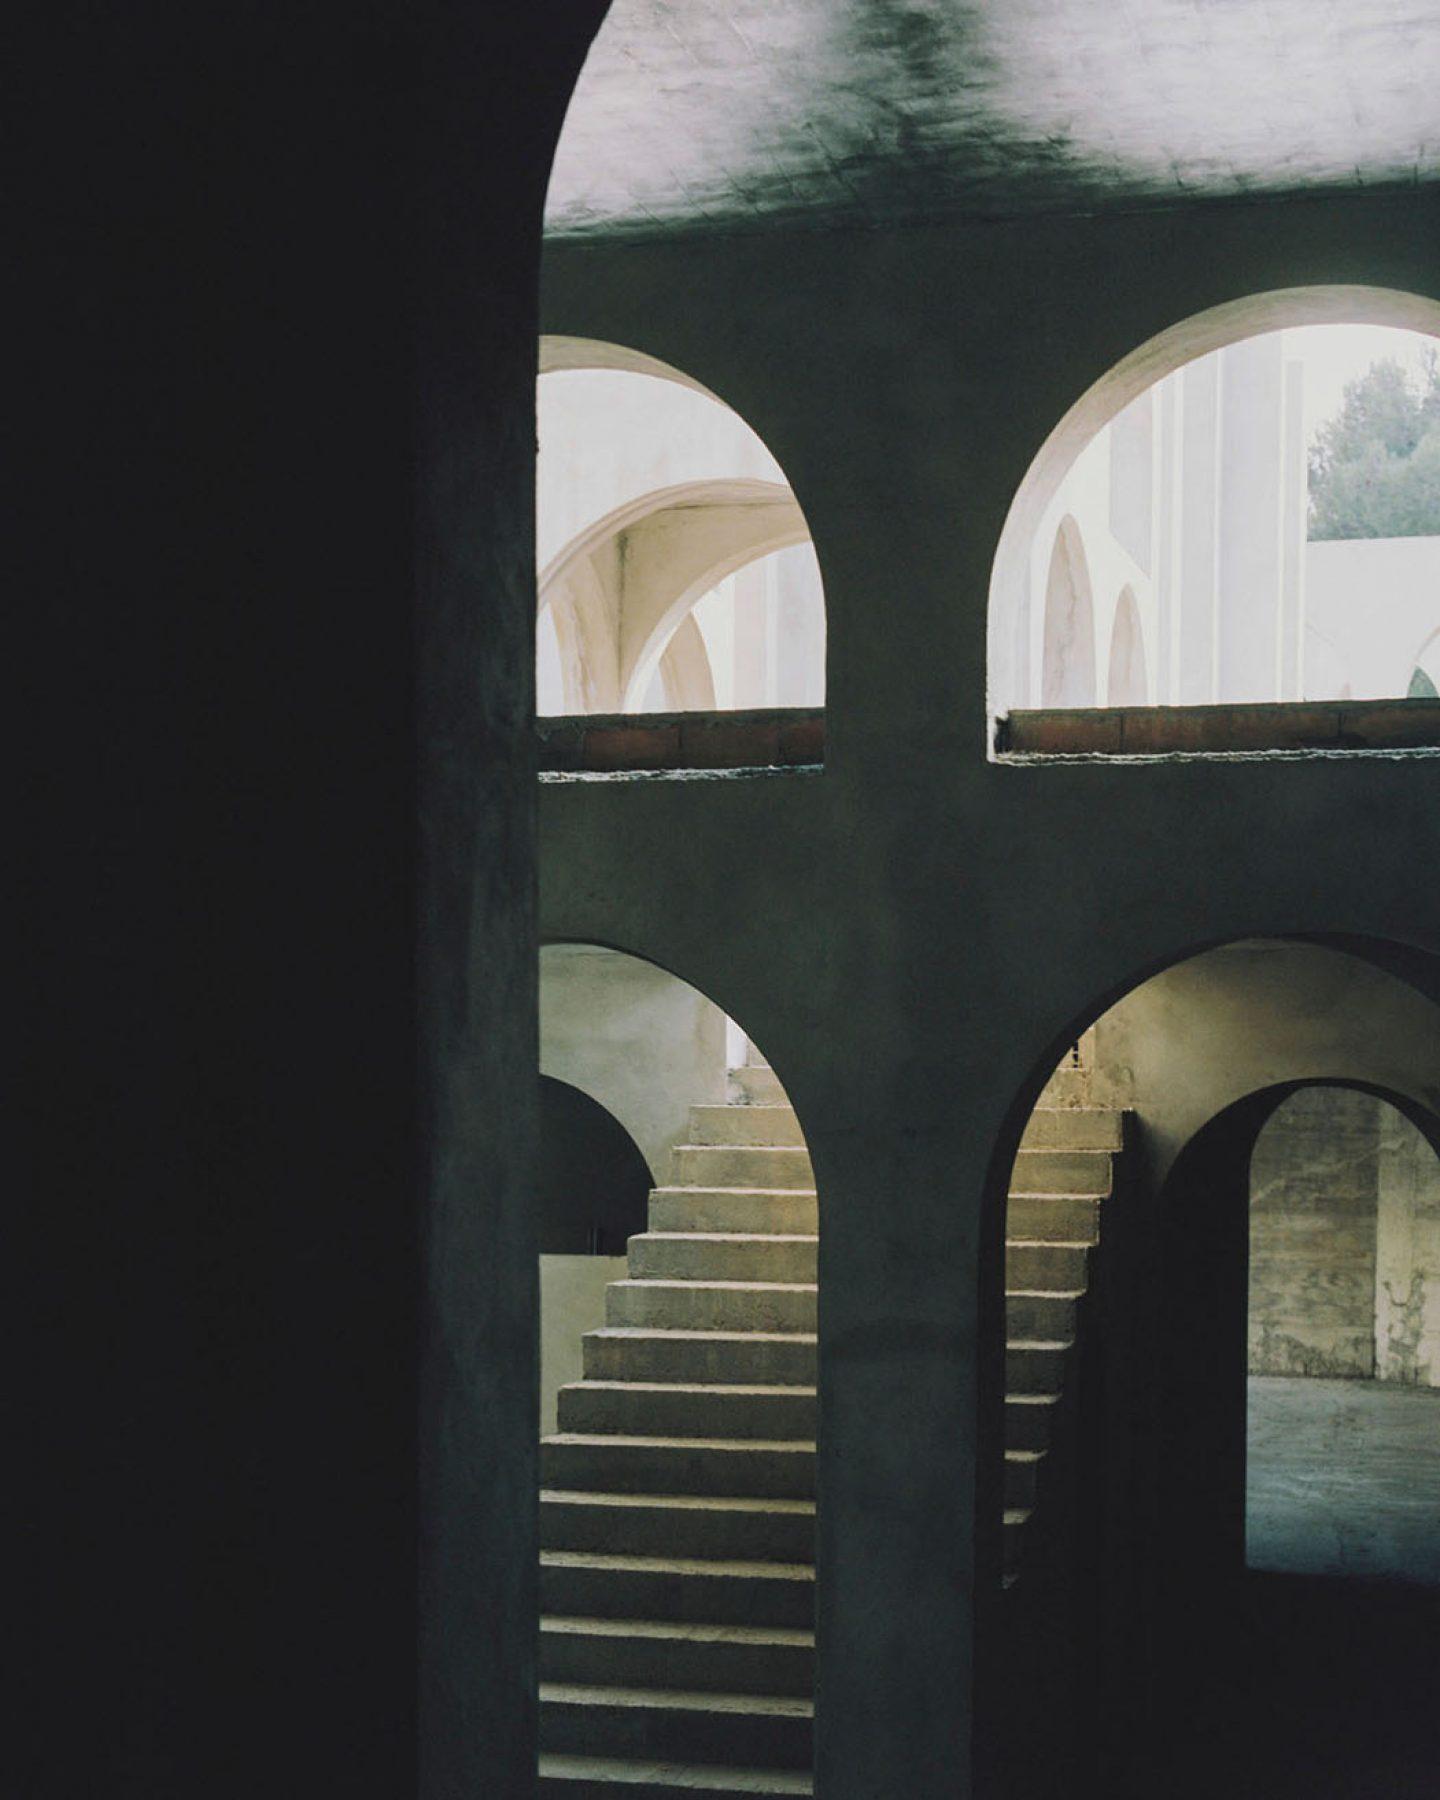 iGNANT_Architecture_Salva_Lopez_Xavier_Cobero_29